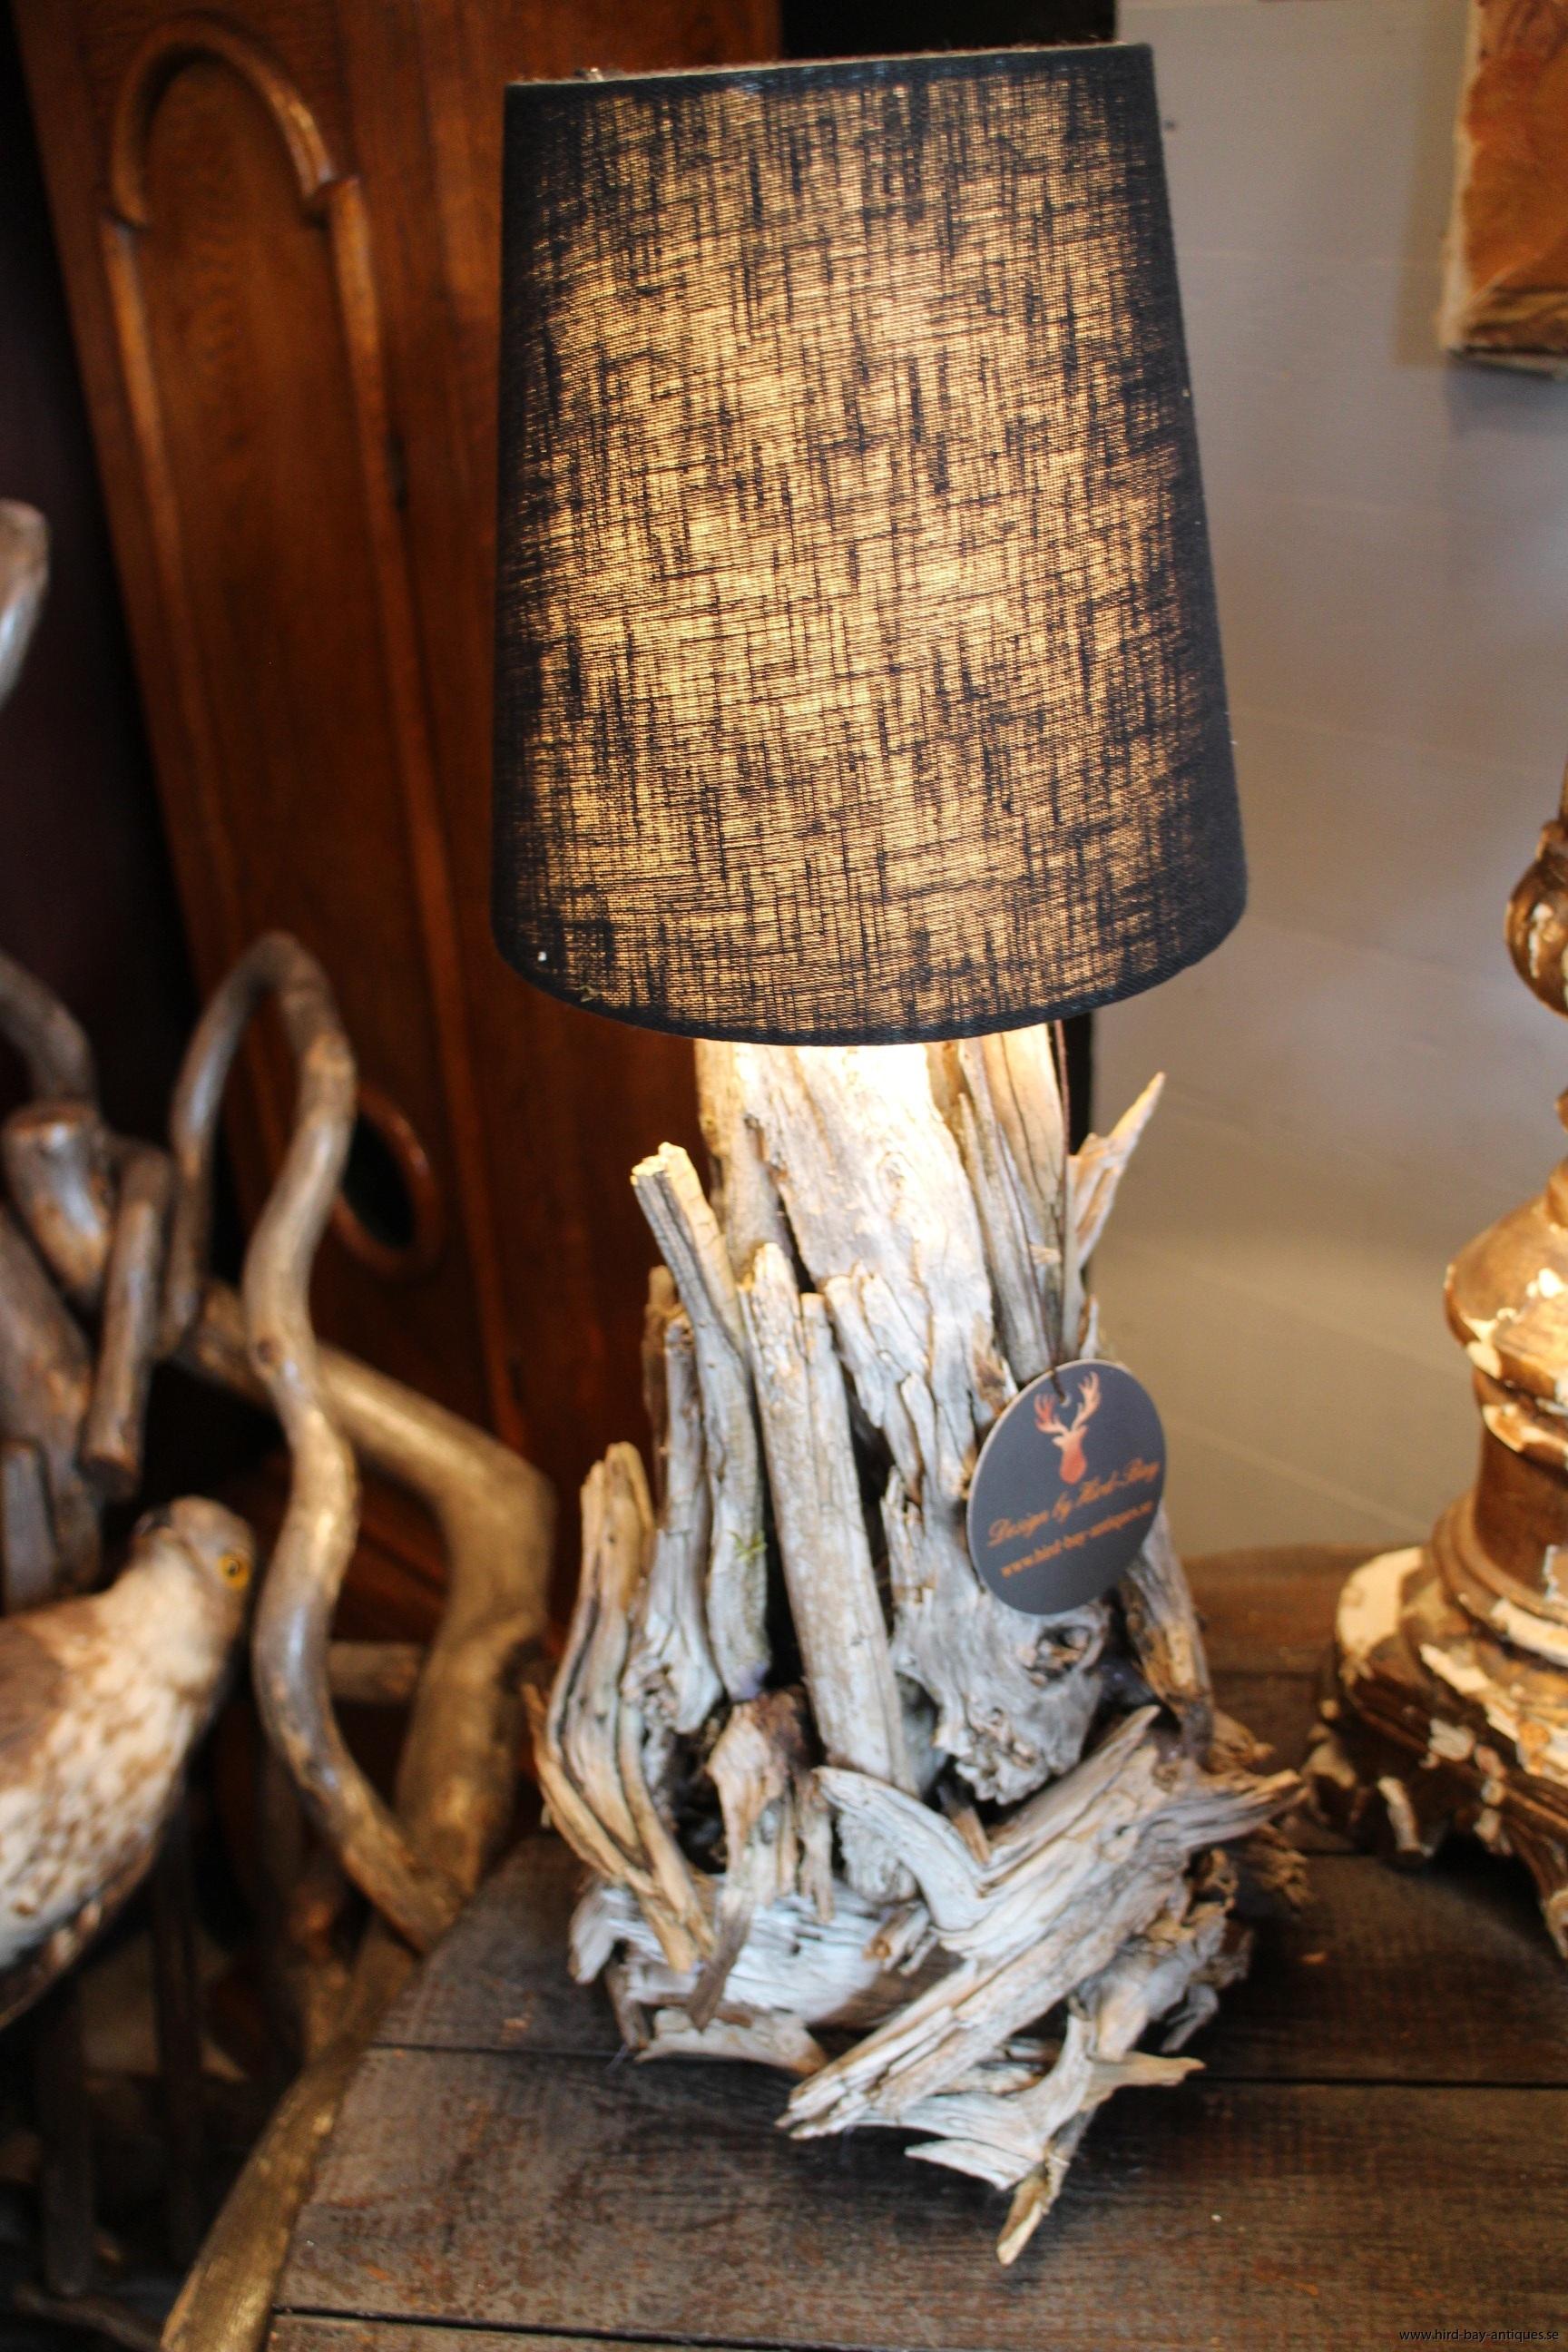 mindre bordslampa drivved